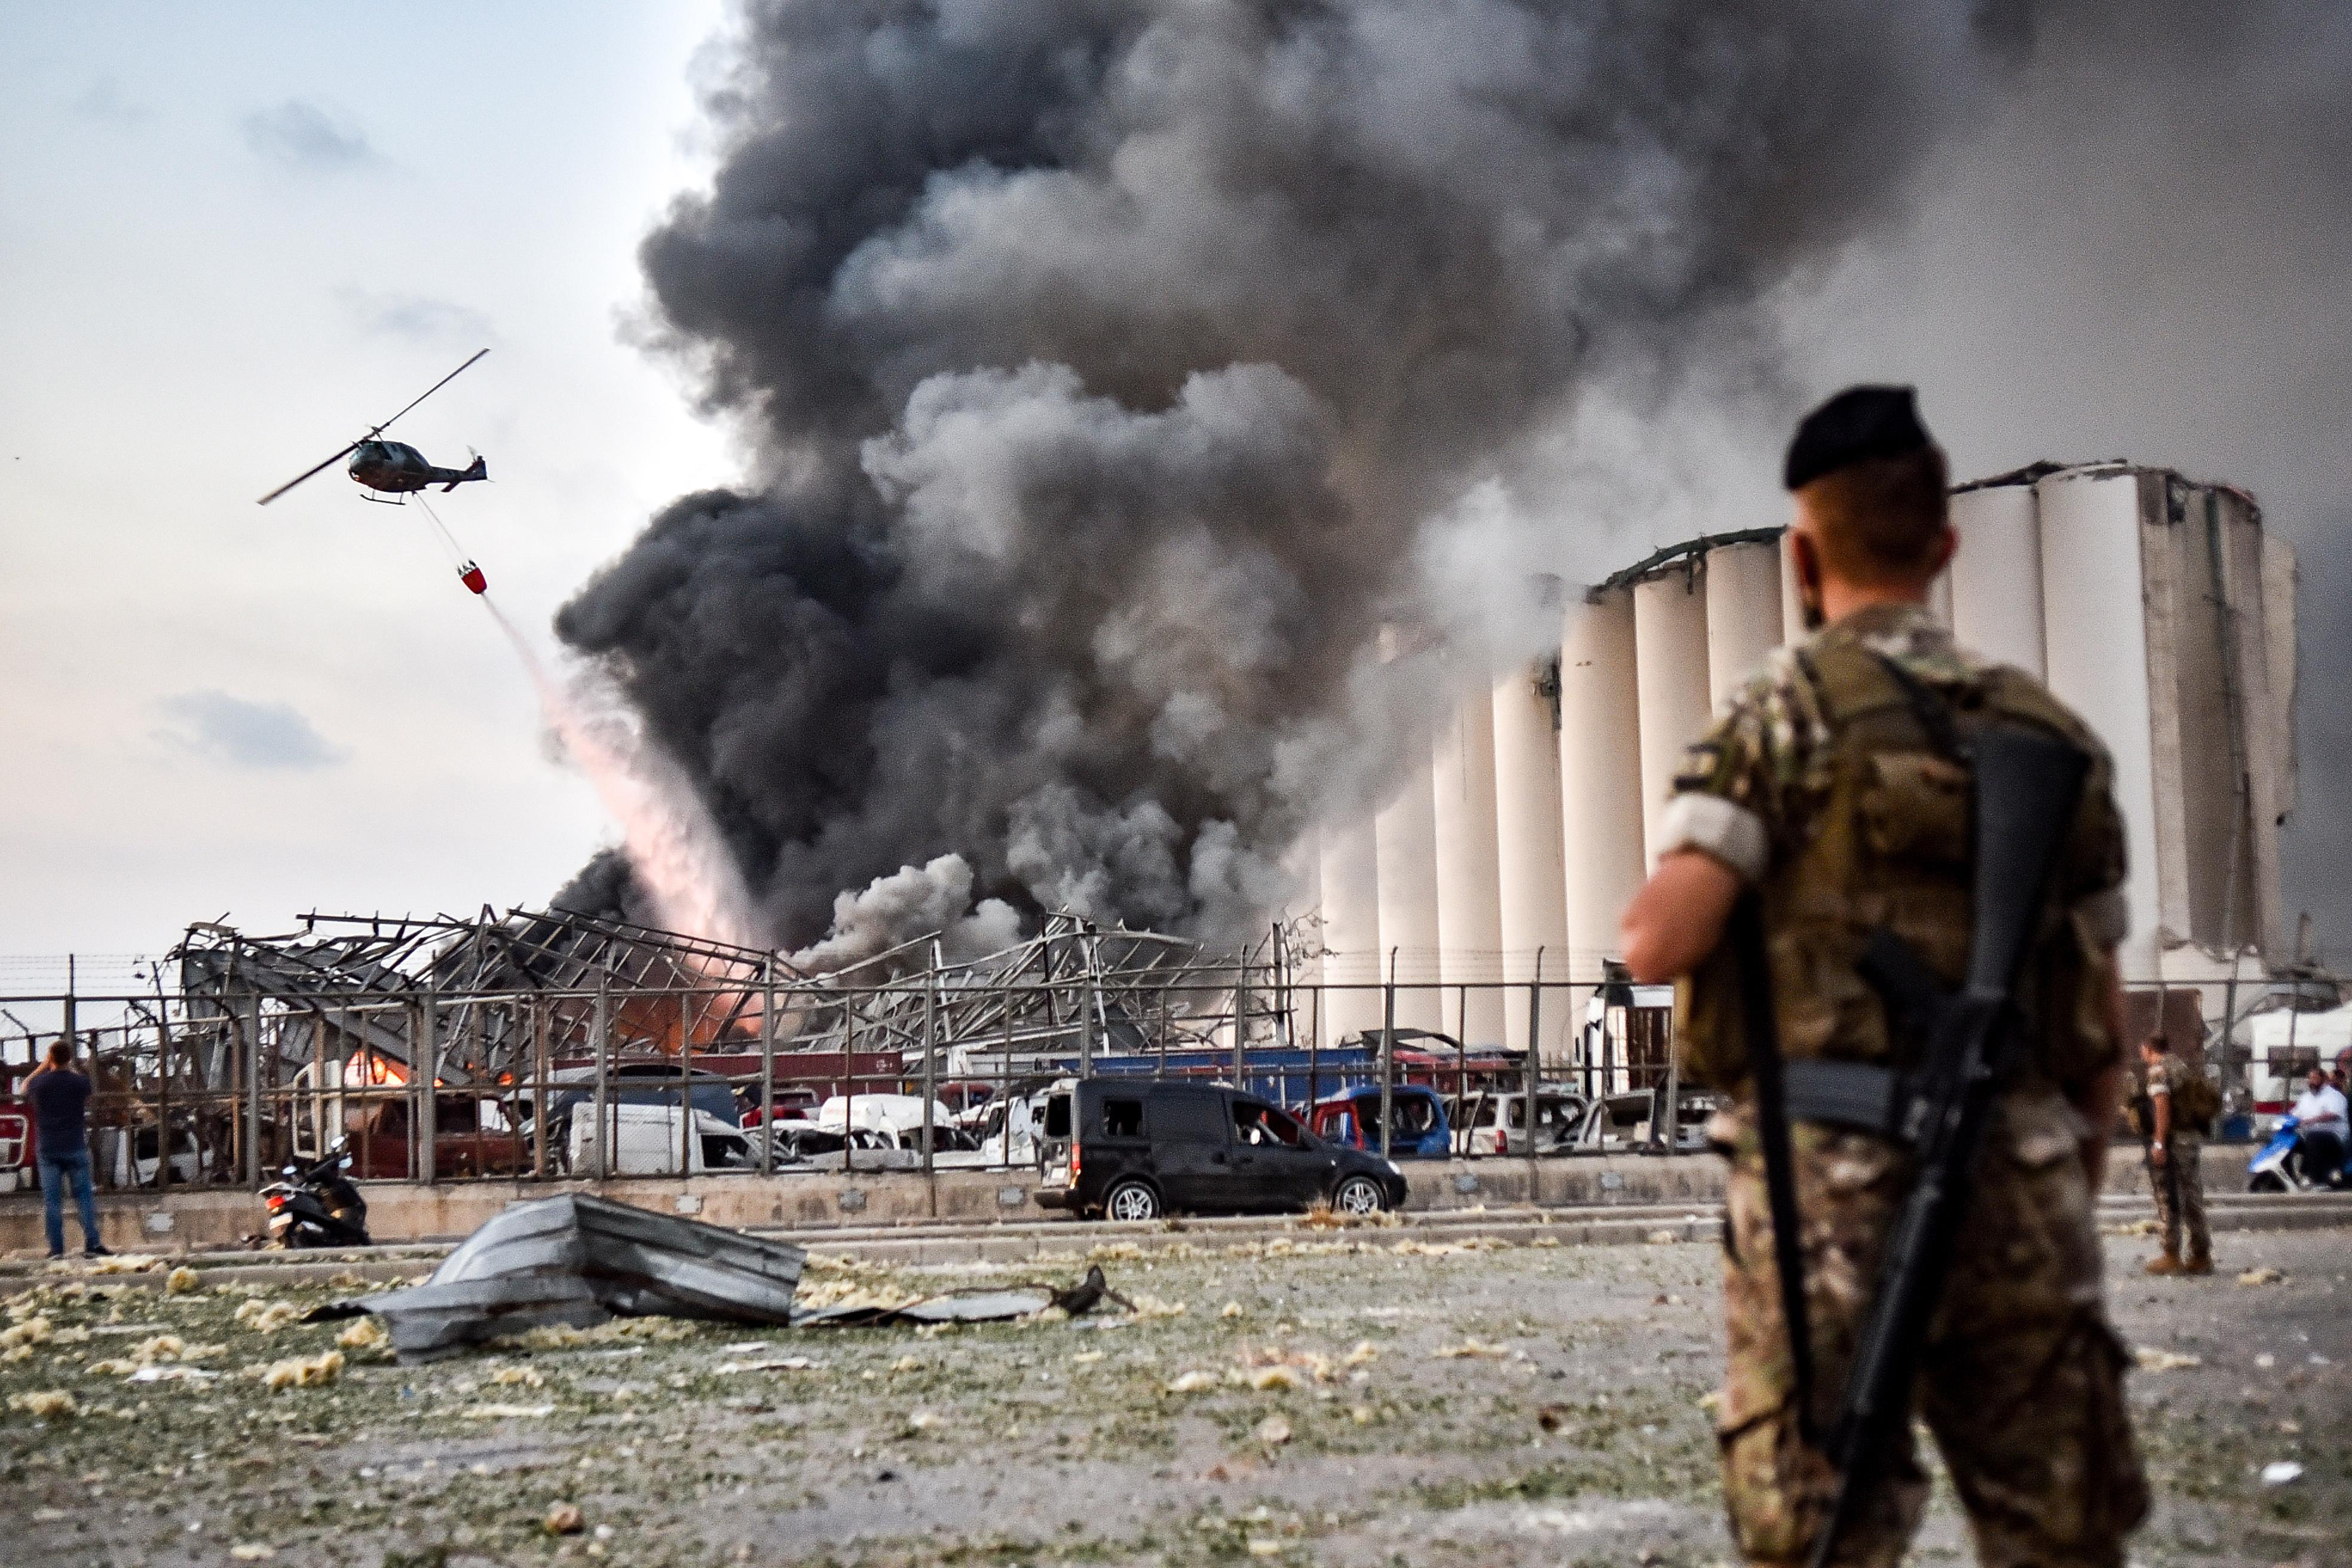 طائرات مروحية لإطفاء الحريق الذي خلفه الانفجار